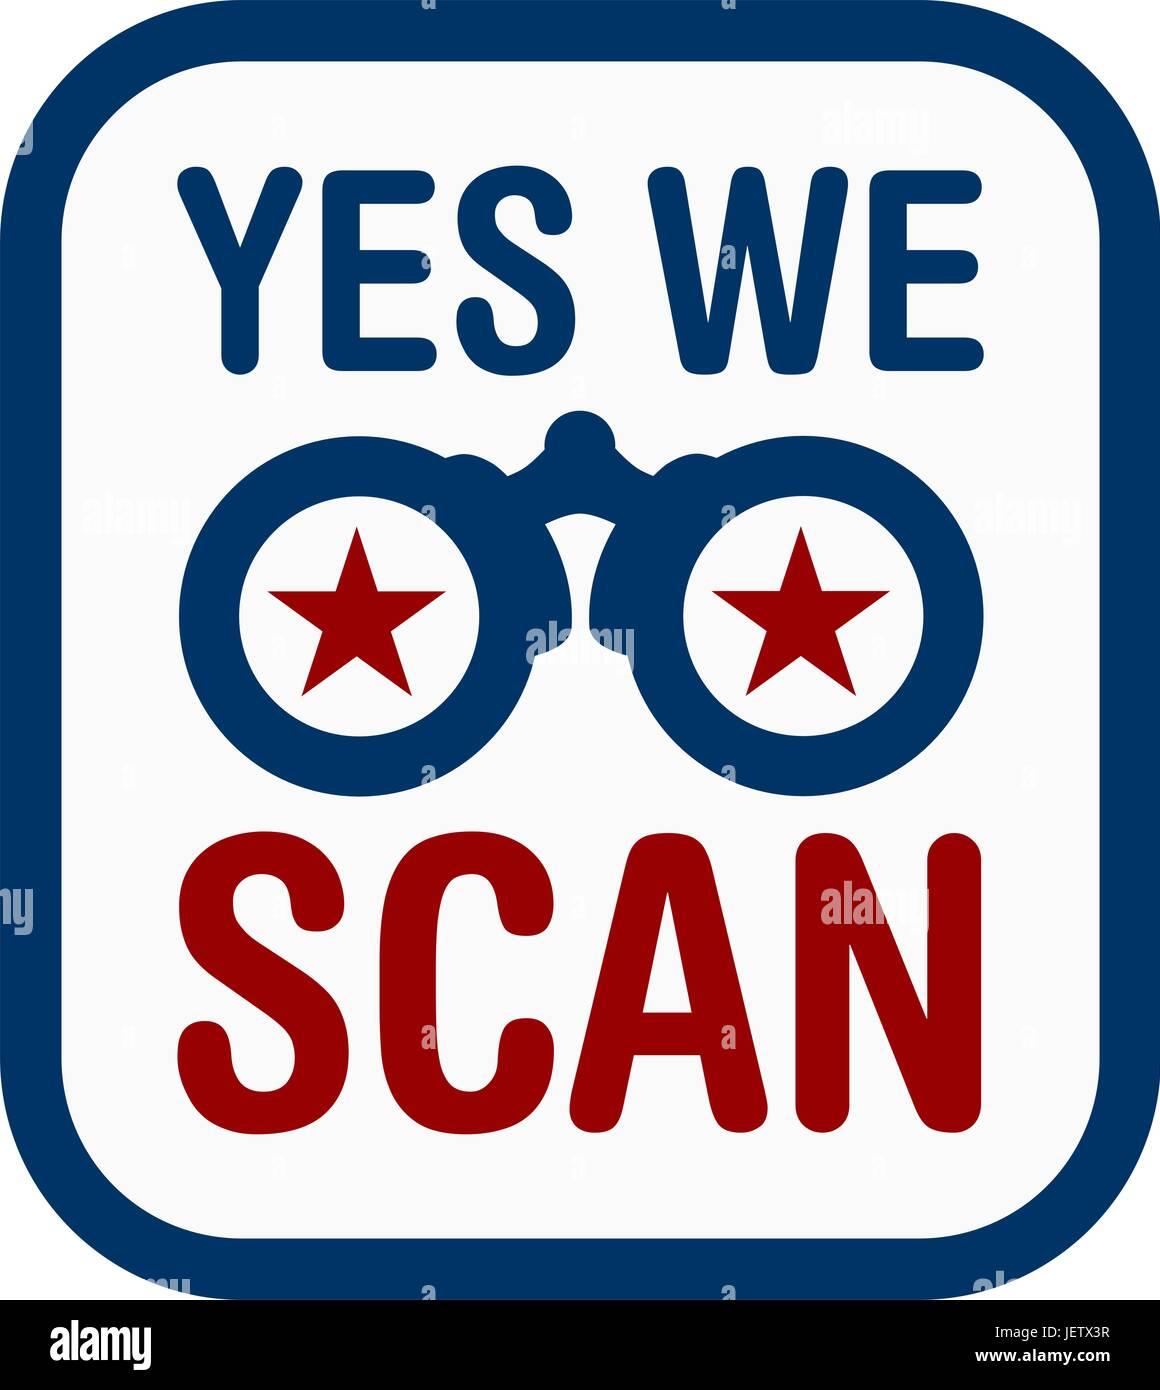 yes we scan - vector - Stock Vector